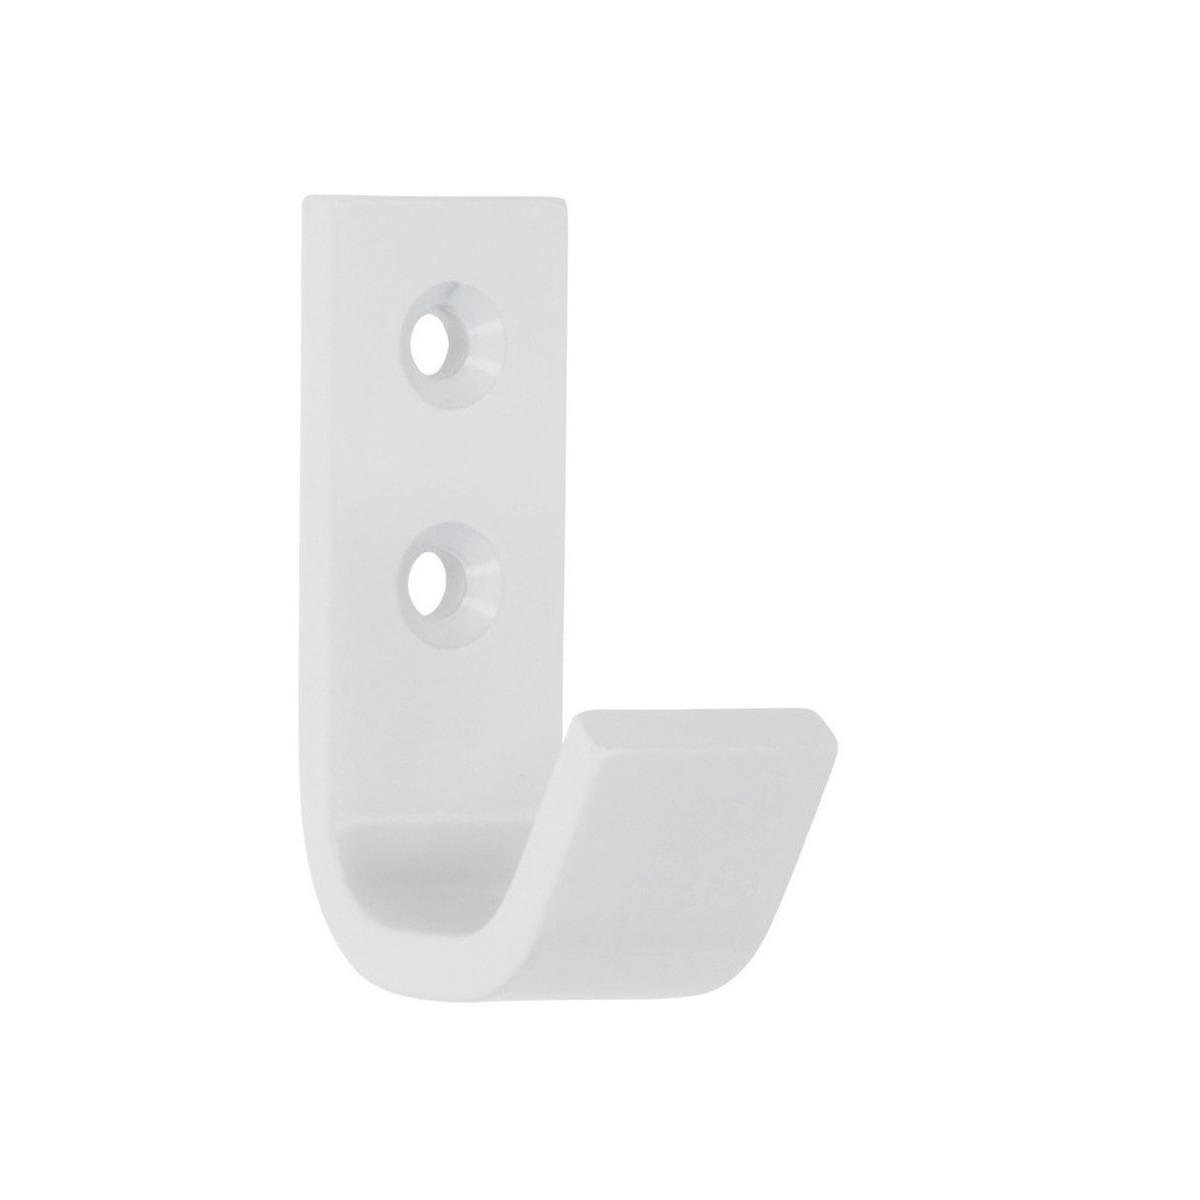 1x Luxe witte garderobe haakjes-jashaken-kapstokhaakjes hoogwaardig aluminium 5,4 x 3,7 cm